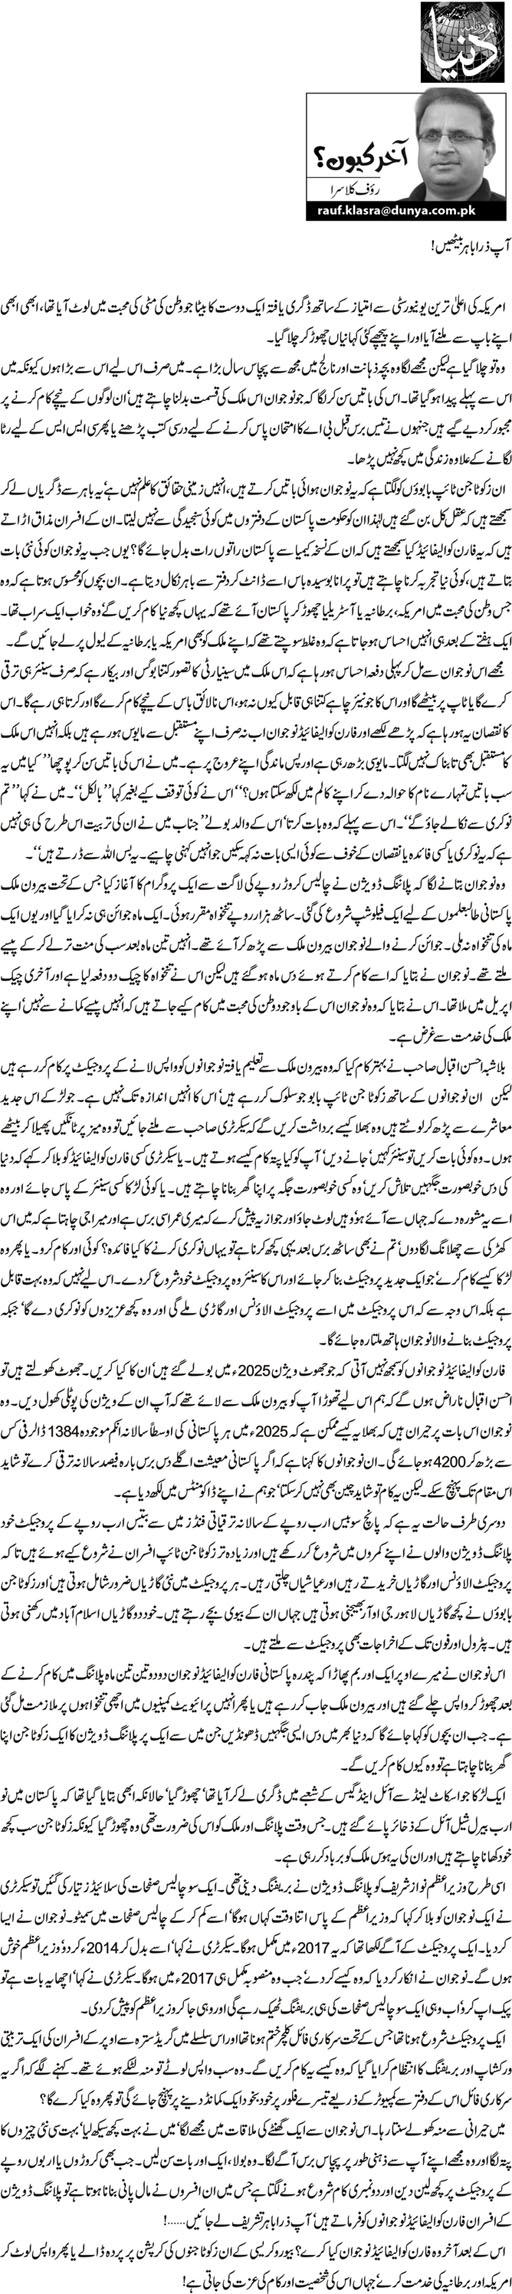 Print Media Coverage Daily Dunya - Rauf Kalasra